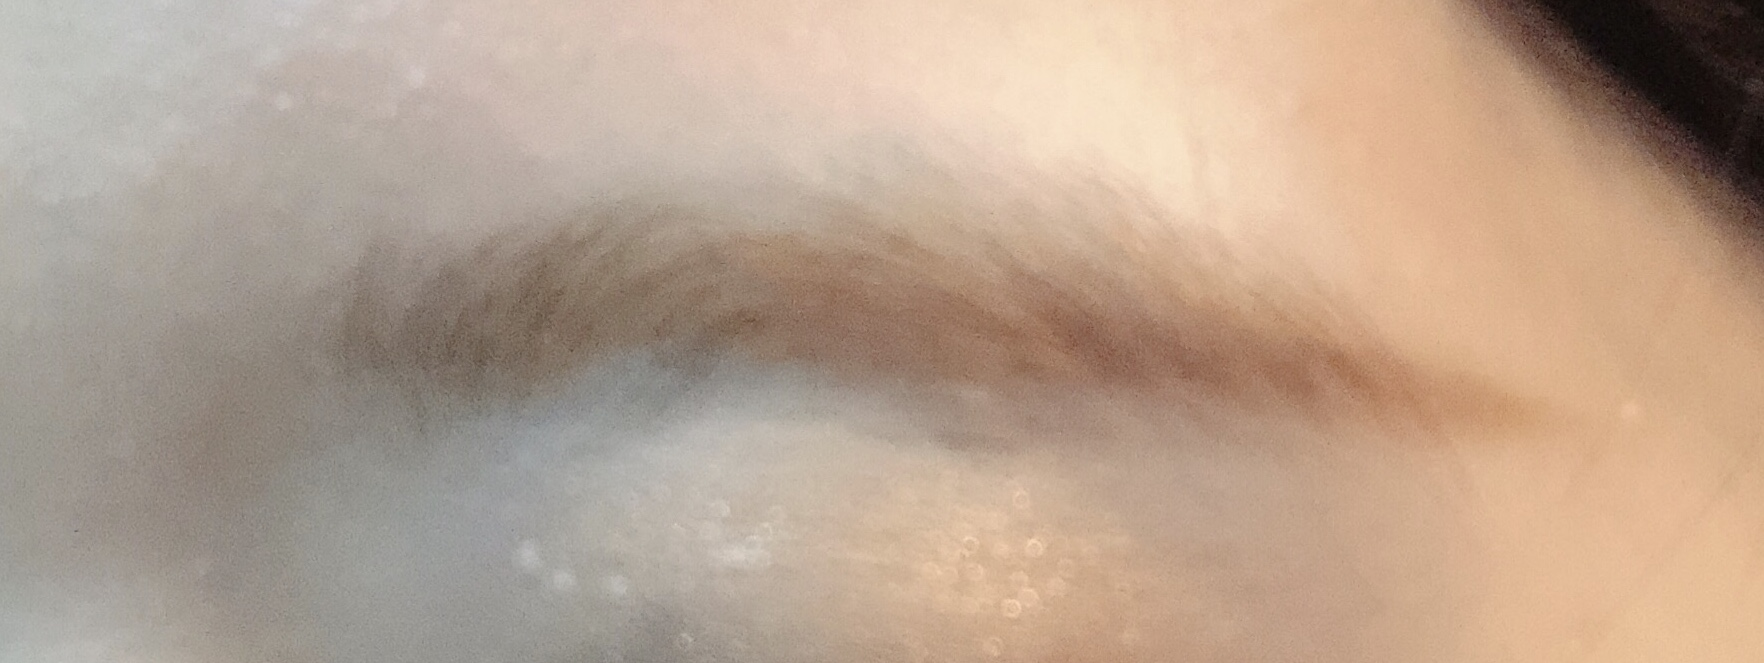 【自宅でふんわり眉】おすすめ・眉毛染め【エピラット・脱色クリーム】